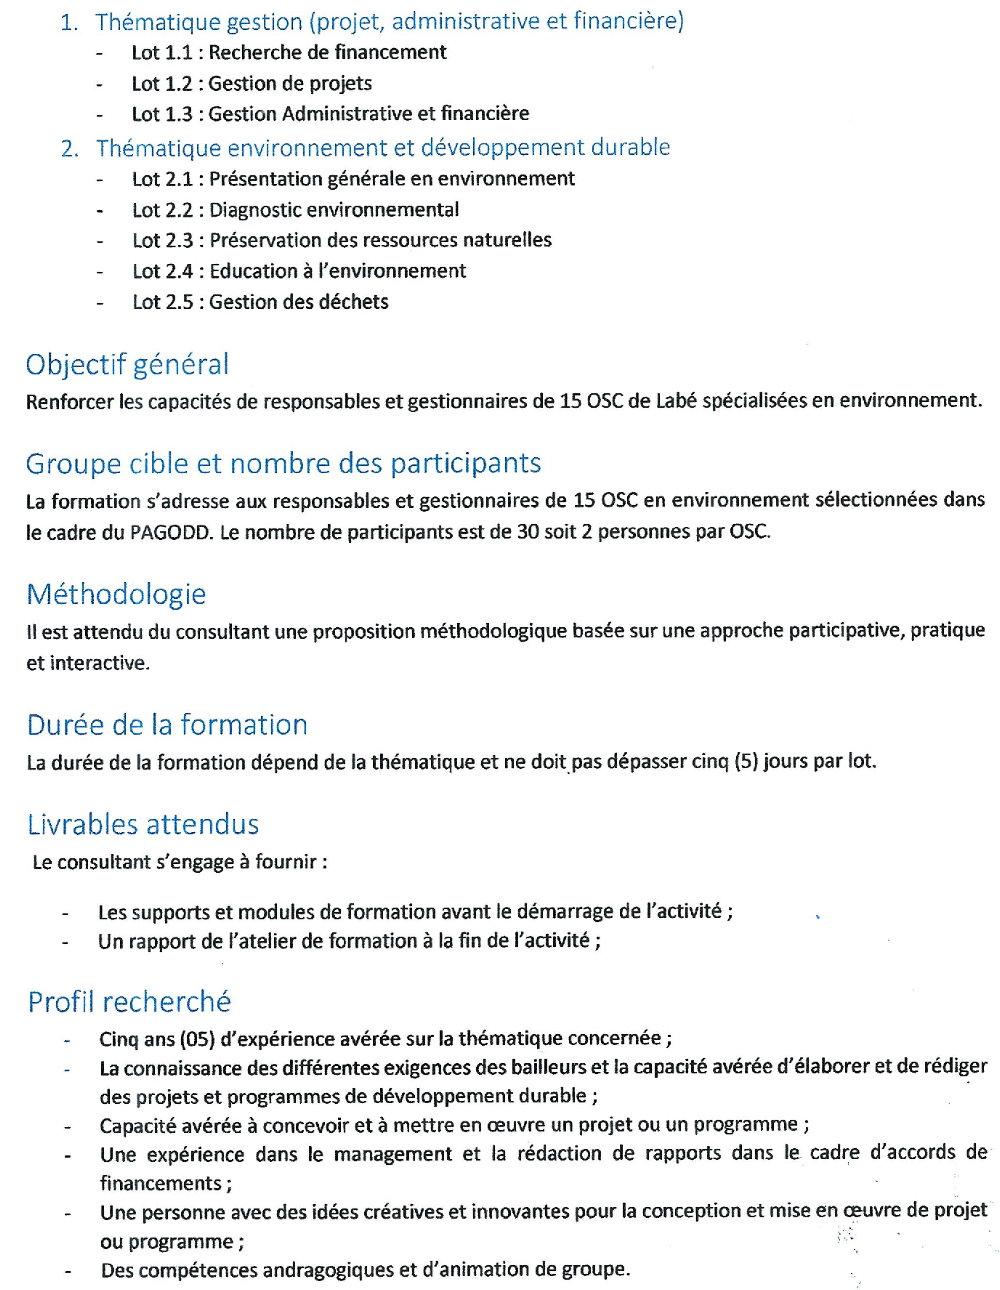 Appel d'Offres en Guinée conakry p2